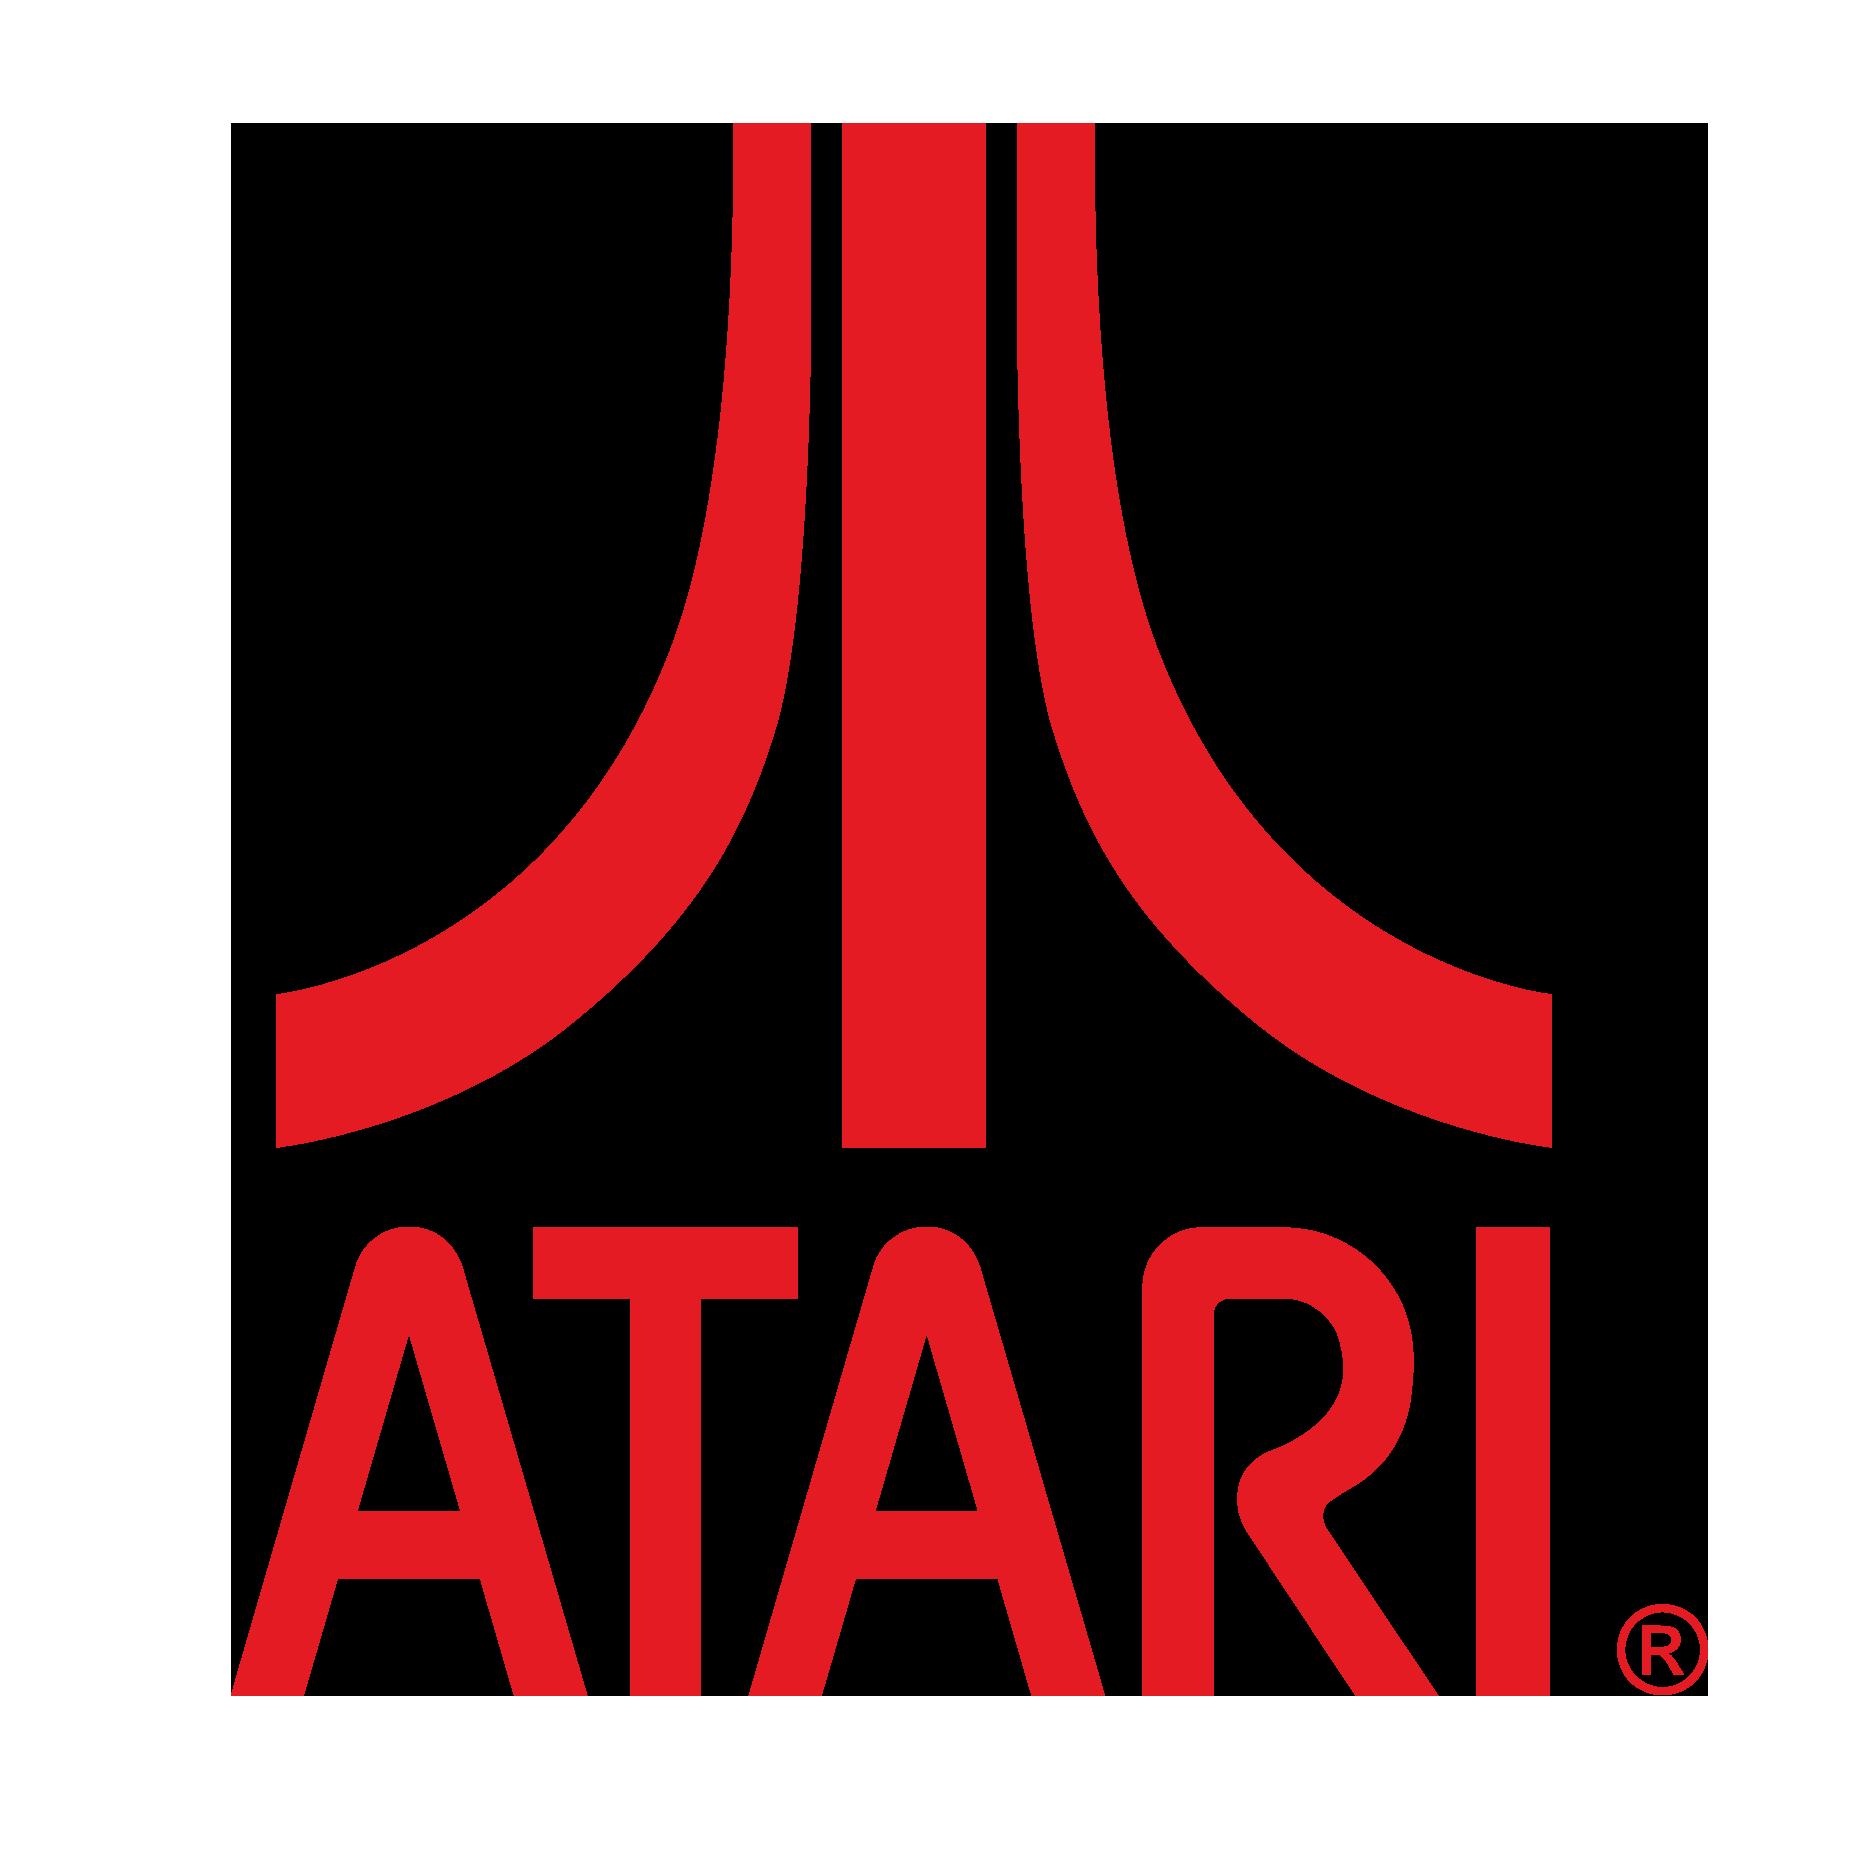 Atari_fuji